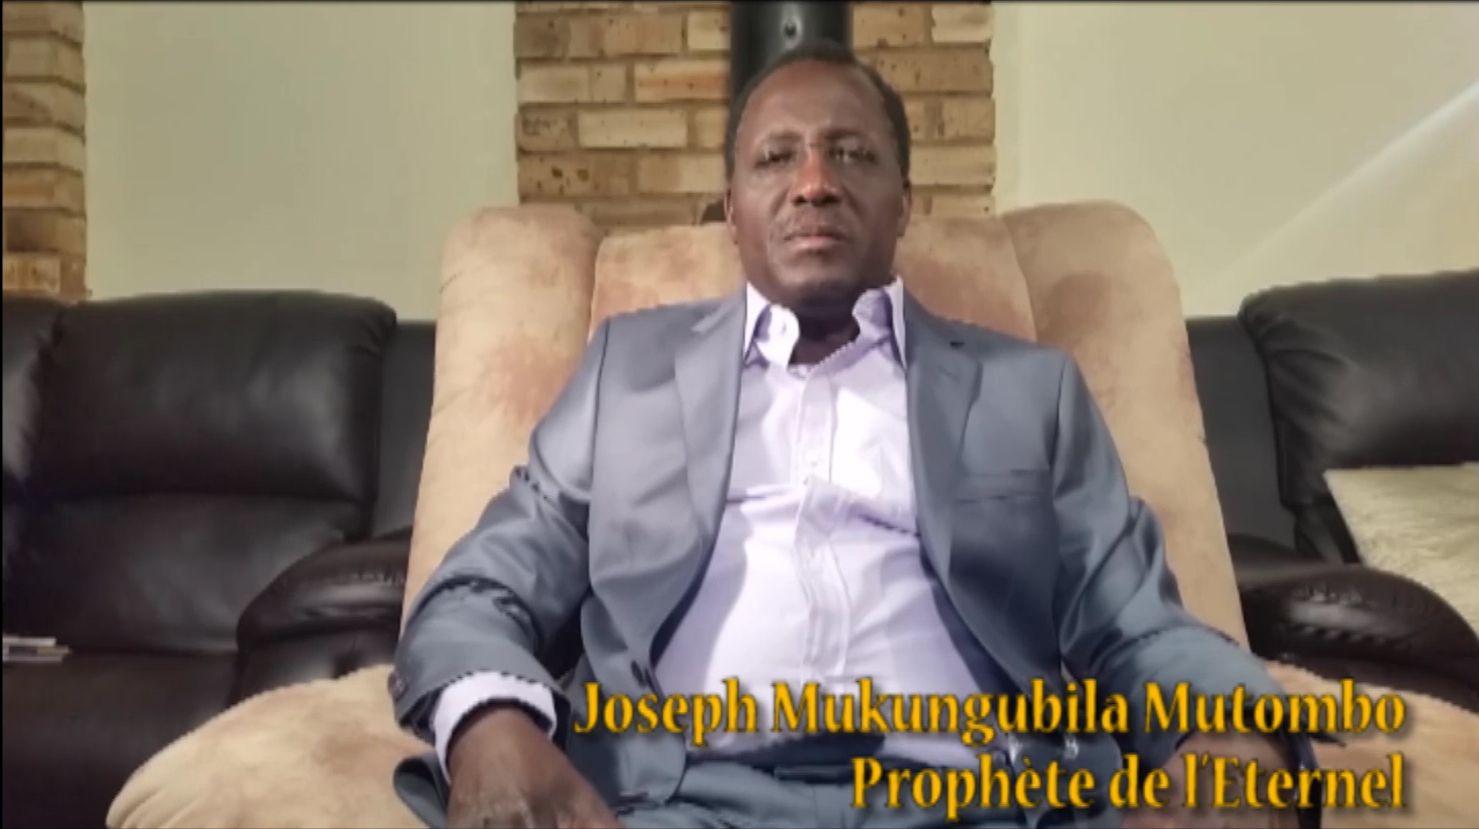 Le Prophète lors de son discours à l'occasion de la commémoration du 30 décembre 2016.